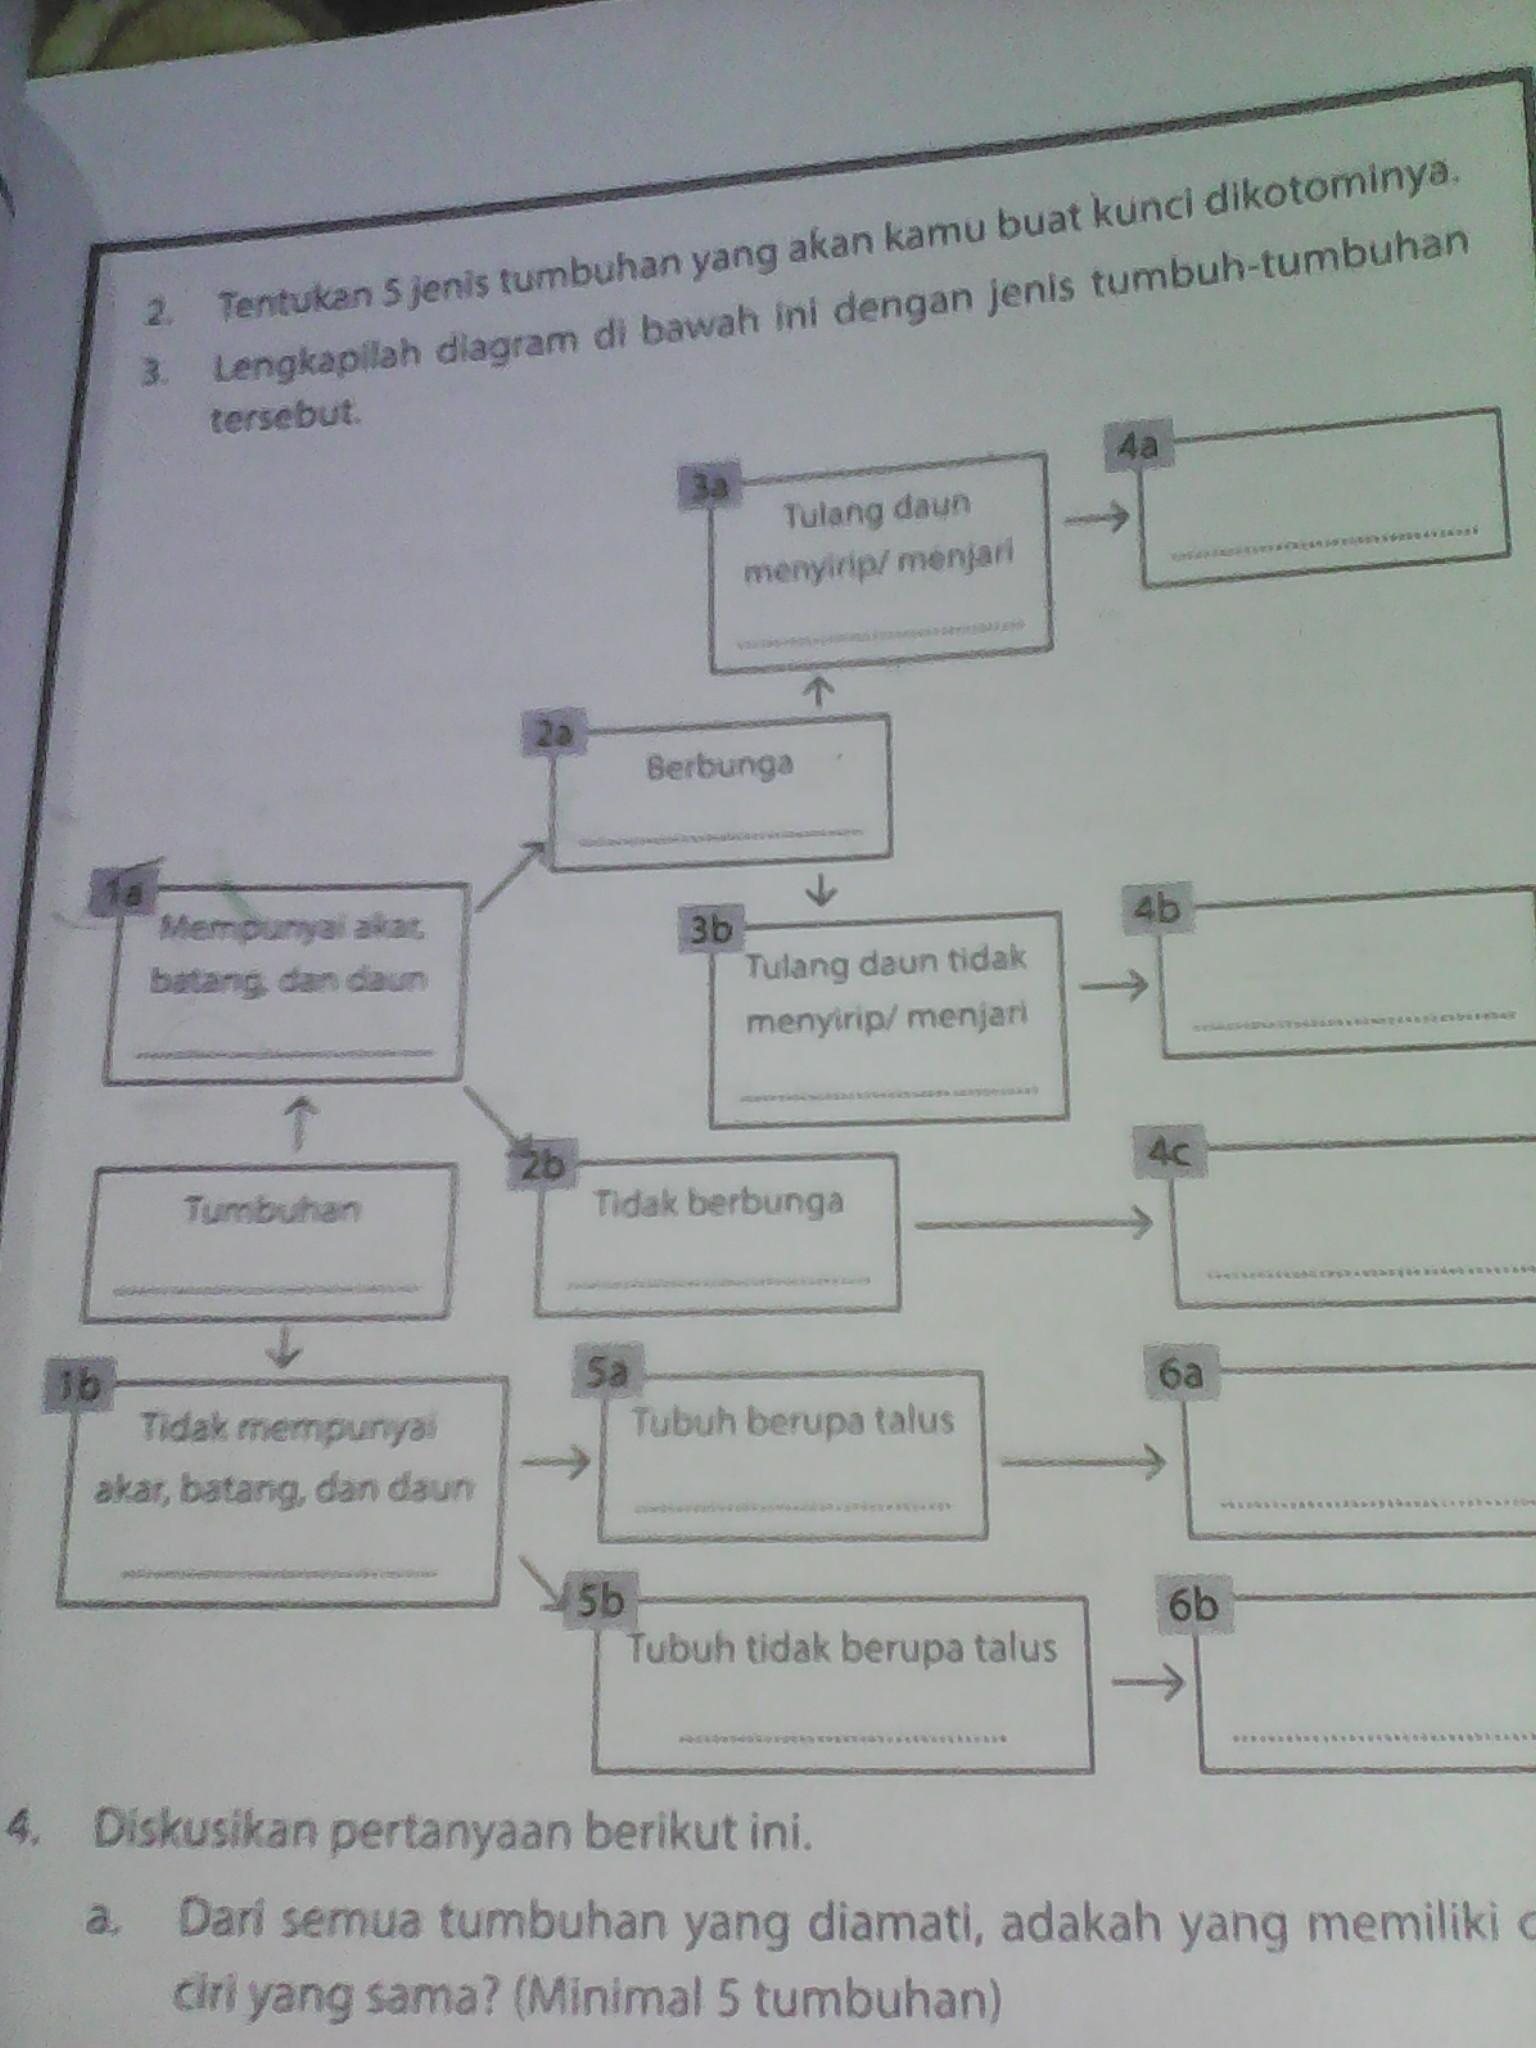 Lengkapilah Diagram Di Bawah Ini Dengan Jenis Tumbuh Tumbuhan Tersebut Berbagai Jenis Itu